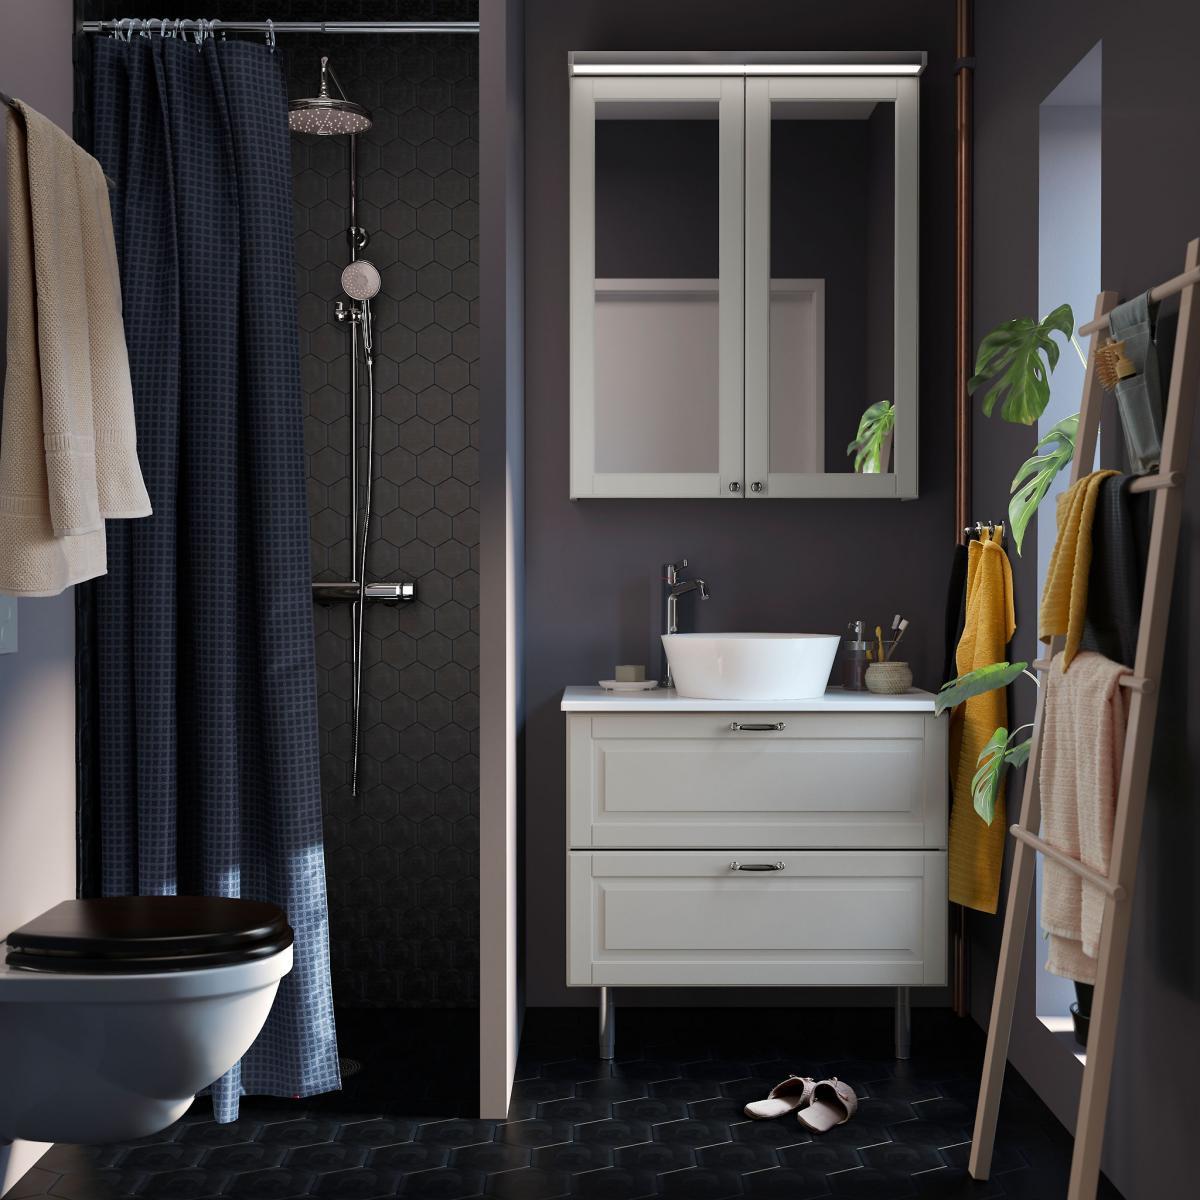 ... Teintes Plus Claires : Blanc, Or, Jaune... Cette Petite Salle De Bain  Signée Ikea Nous Prouve Que Le Mix Fonctionne à Merveille, Vous Ne Trouvez  Pas ?